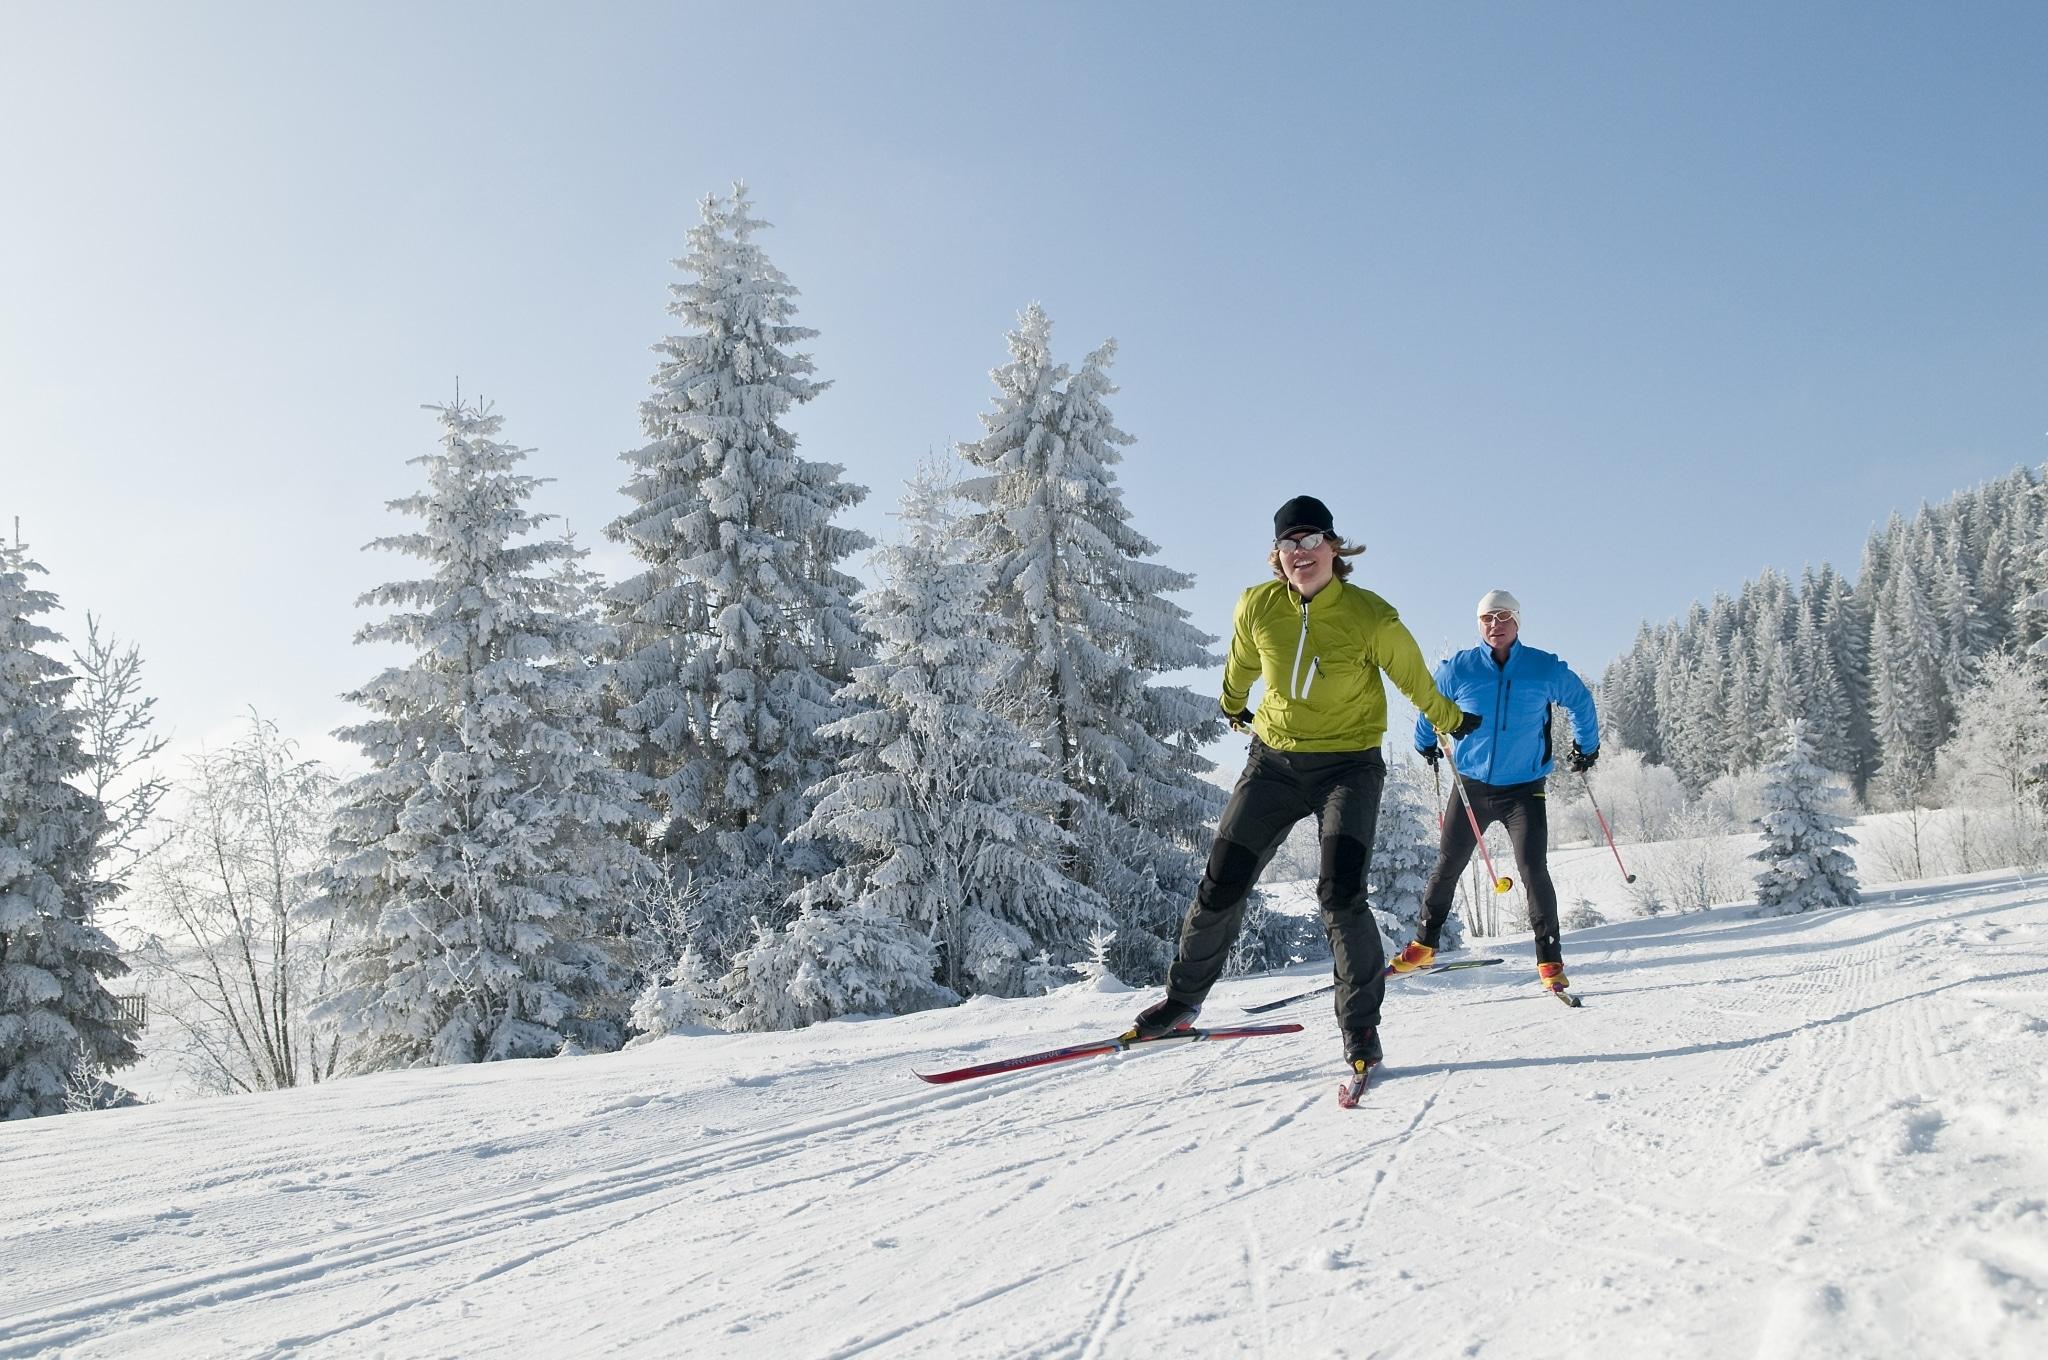 Langlaufen in Lech am Arlberg